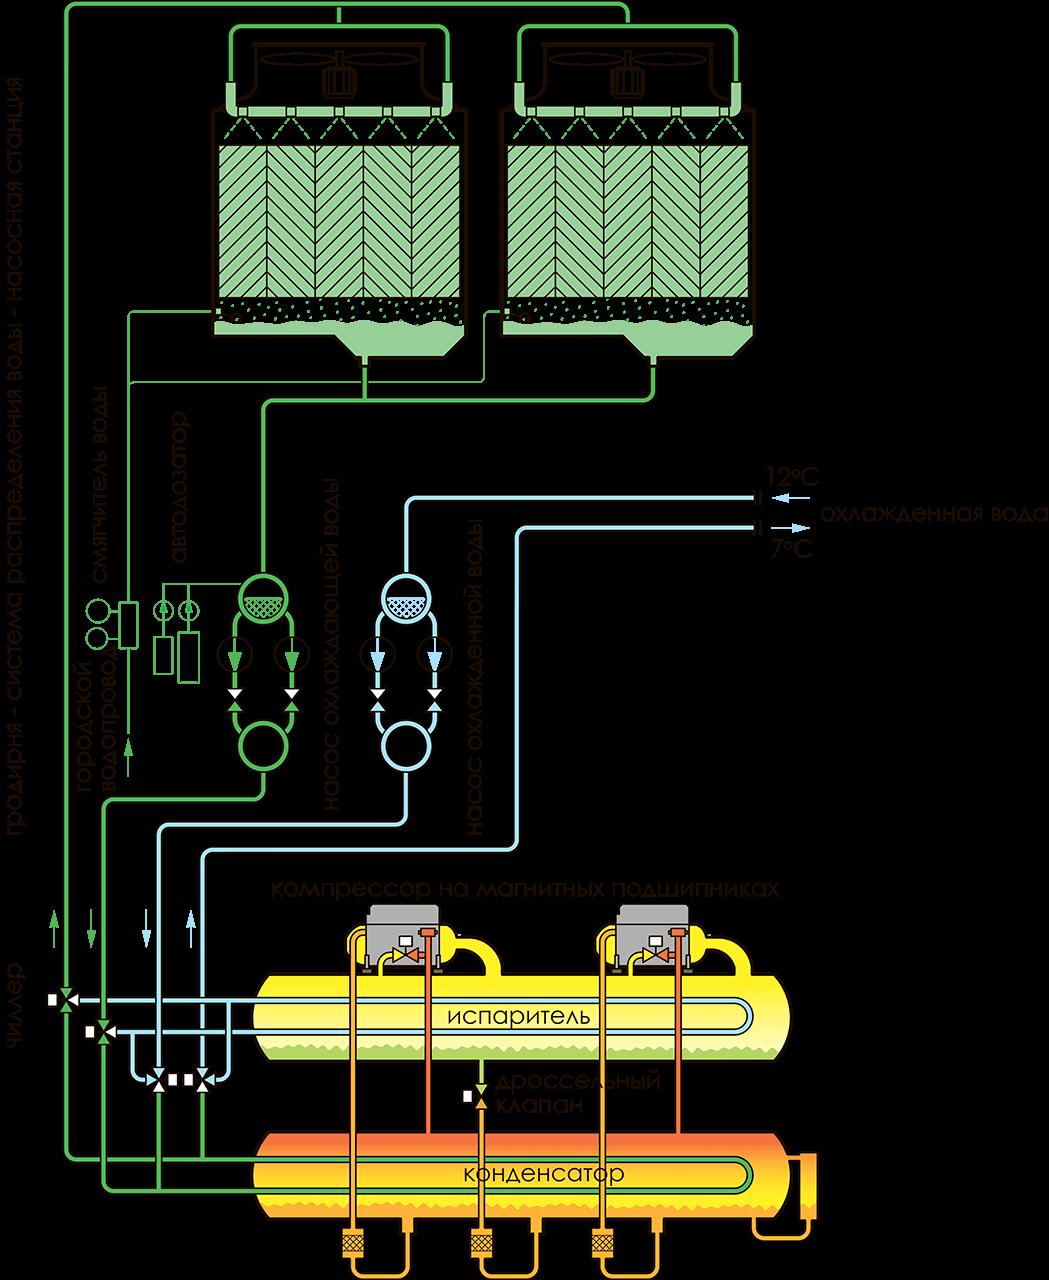 принцип охлаждения, принцип работы электрического чиллера broad